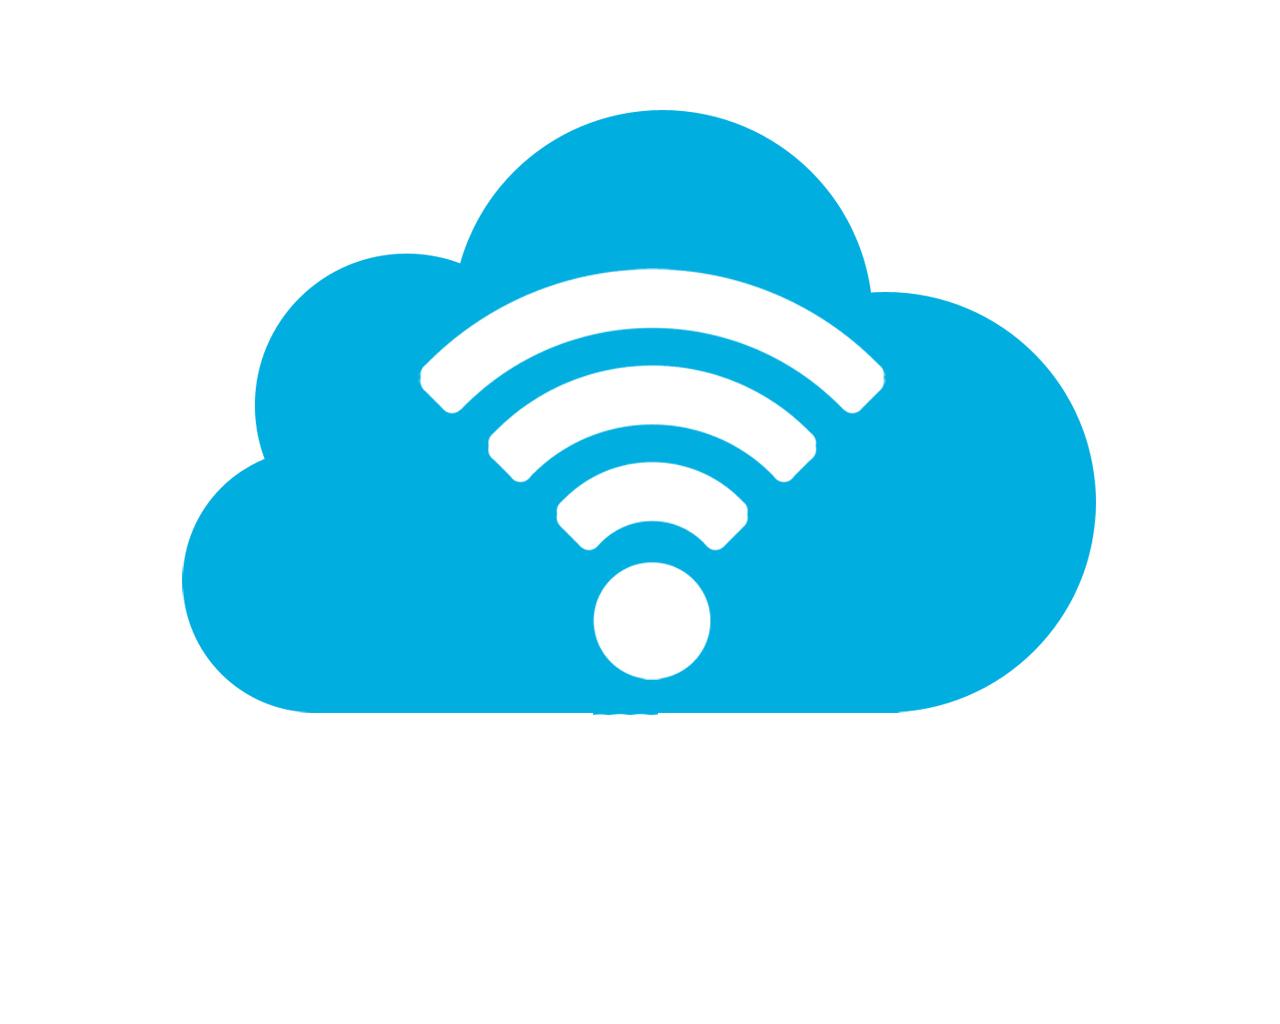 Clouds clipart internet cloud Clipart internet cloud – Clipart